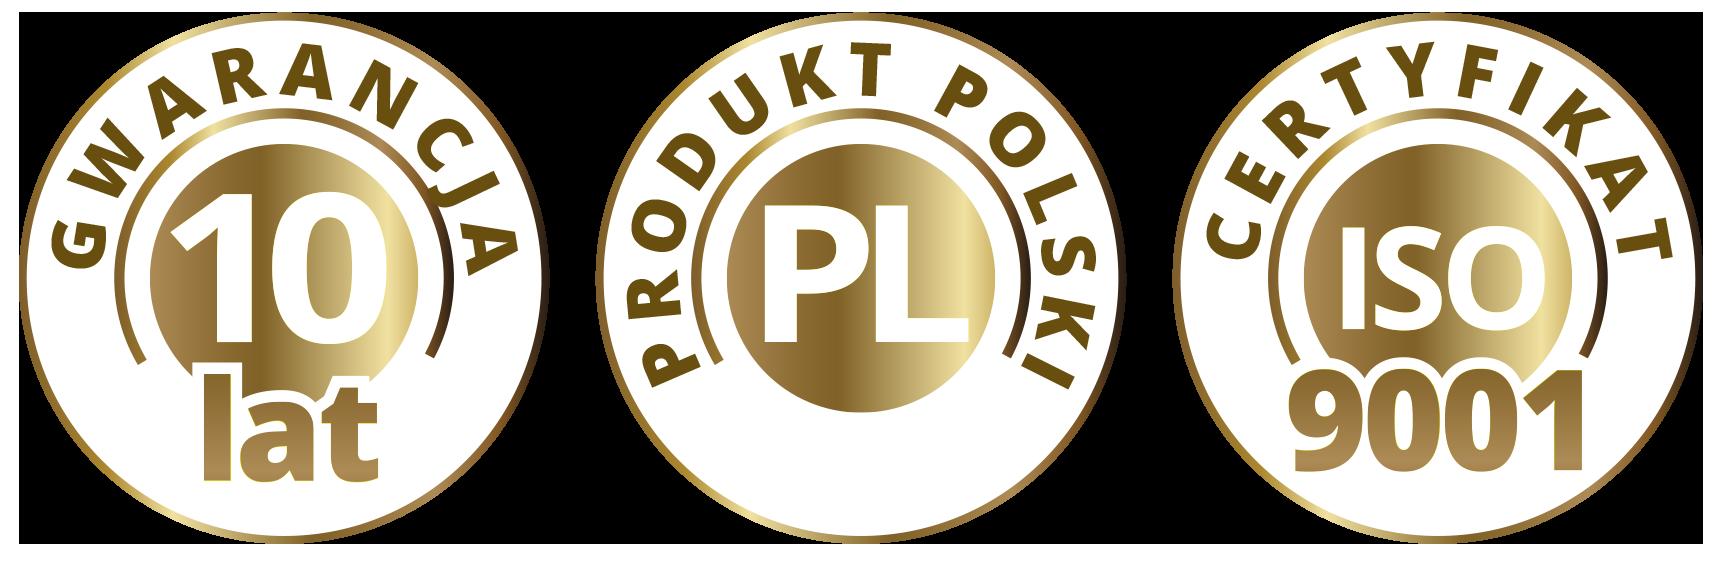 Gwarancja jakości, certyfikat ISO, polska produkcja